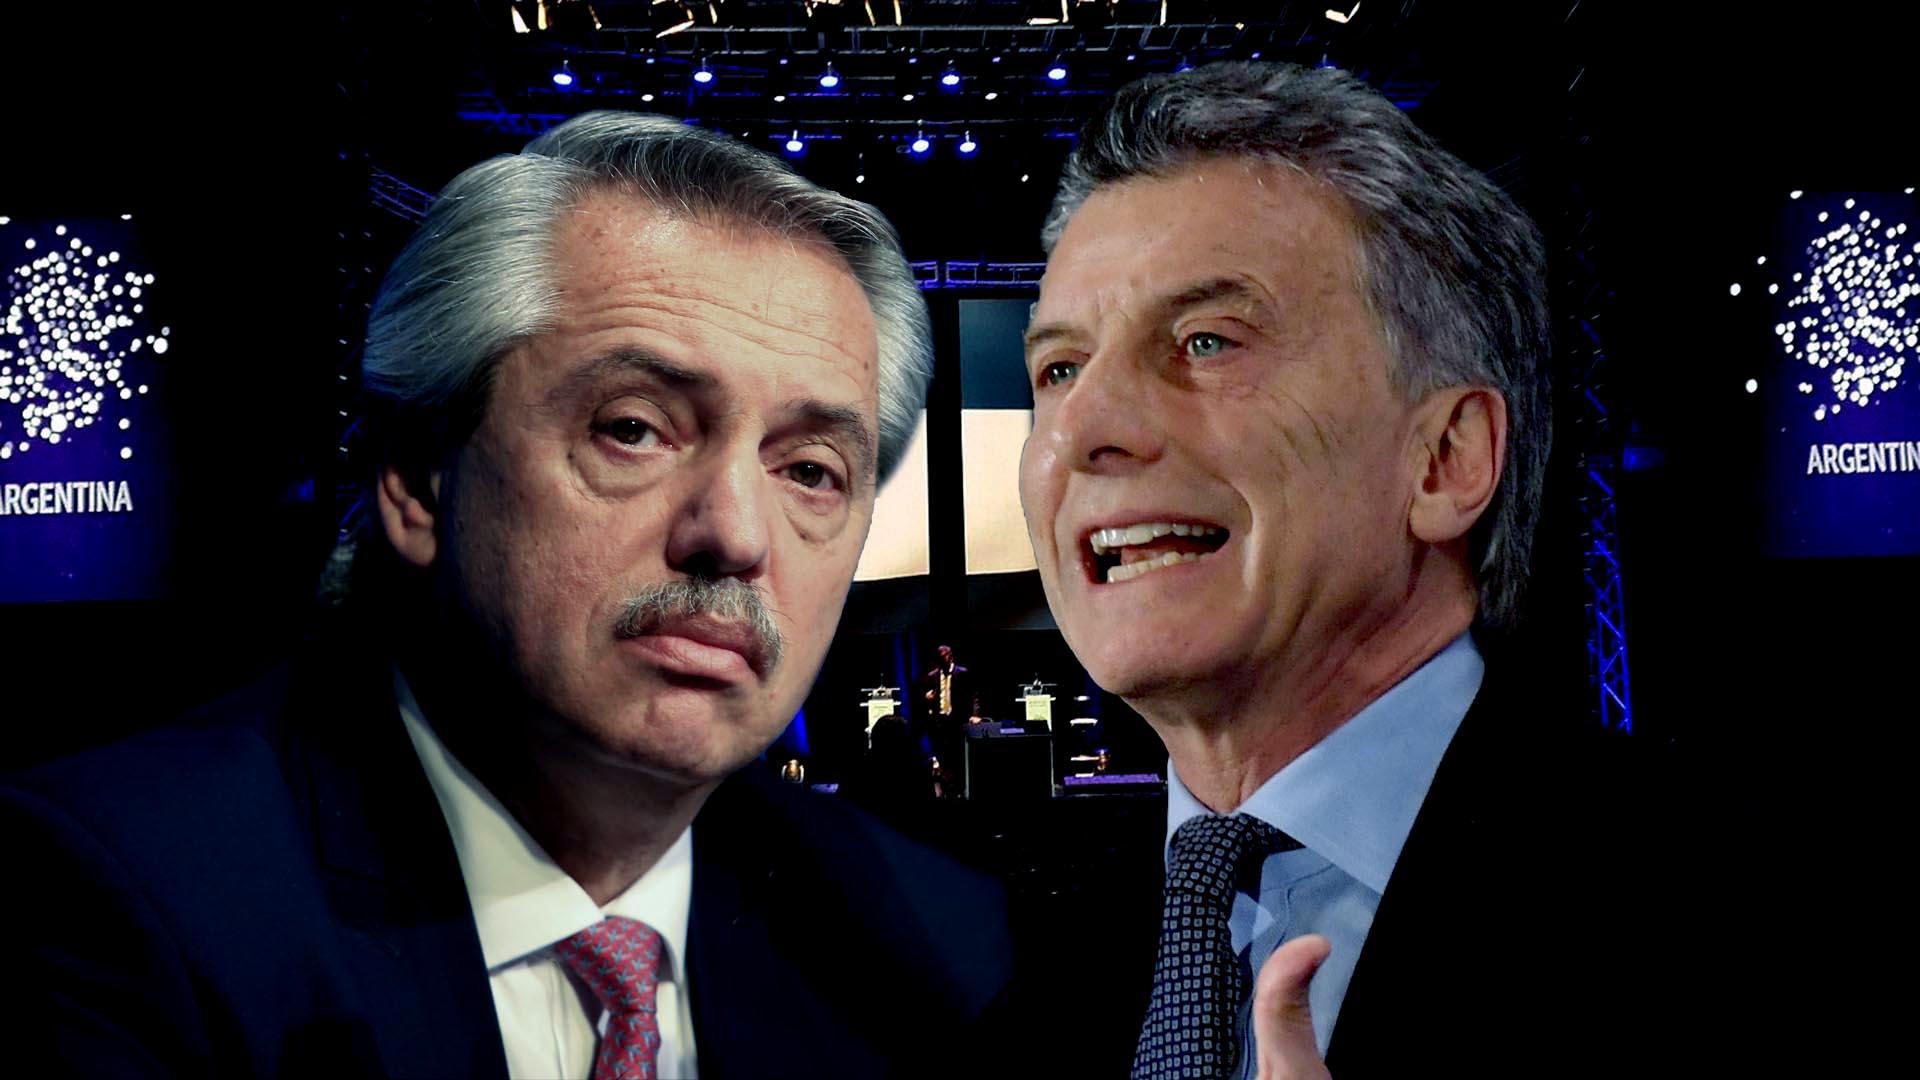 Alberto Fernández sacó 2 millones de votos más que Macri en territorio bonaerense